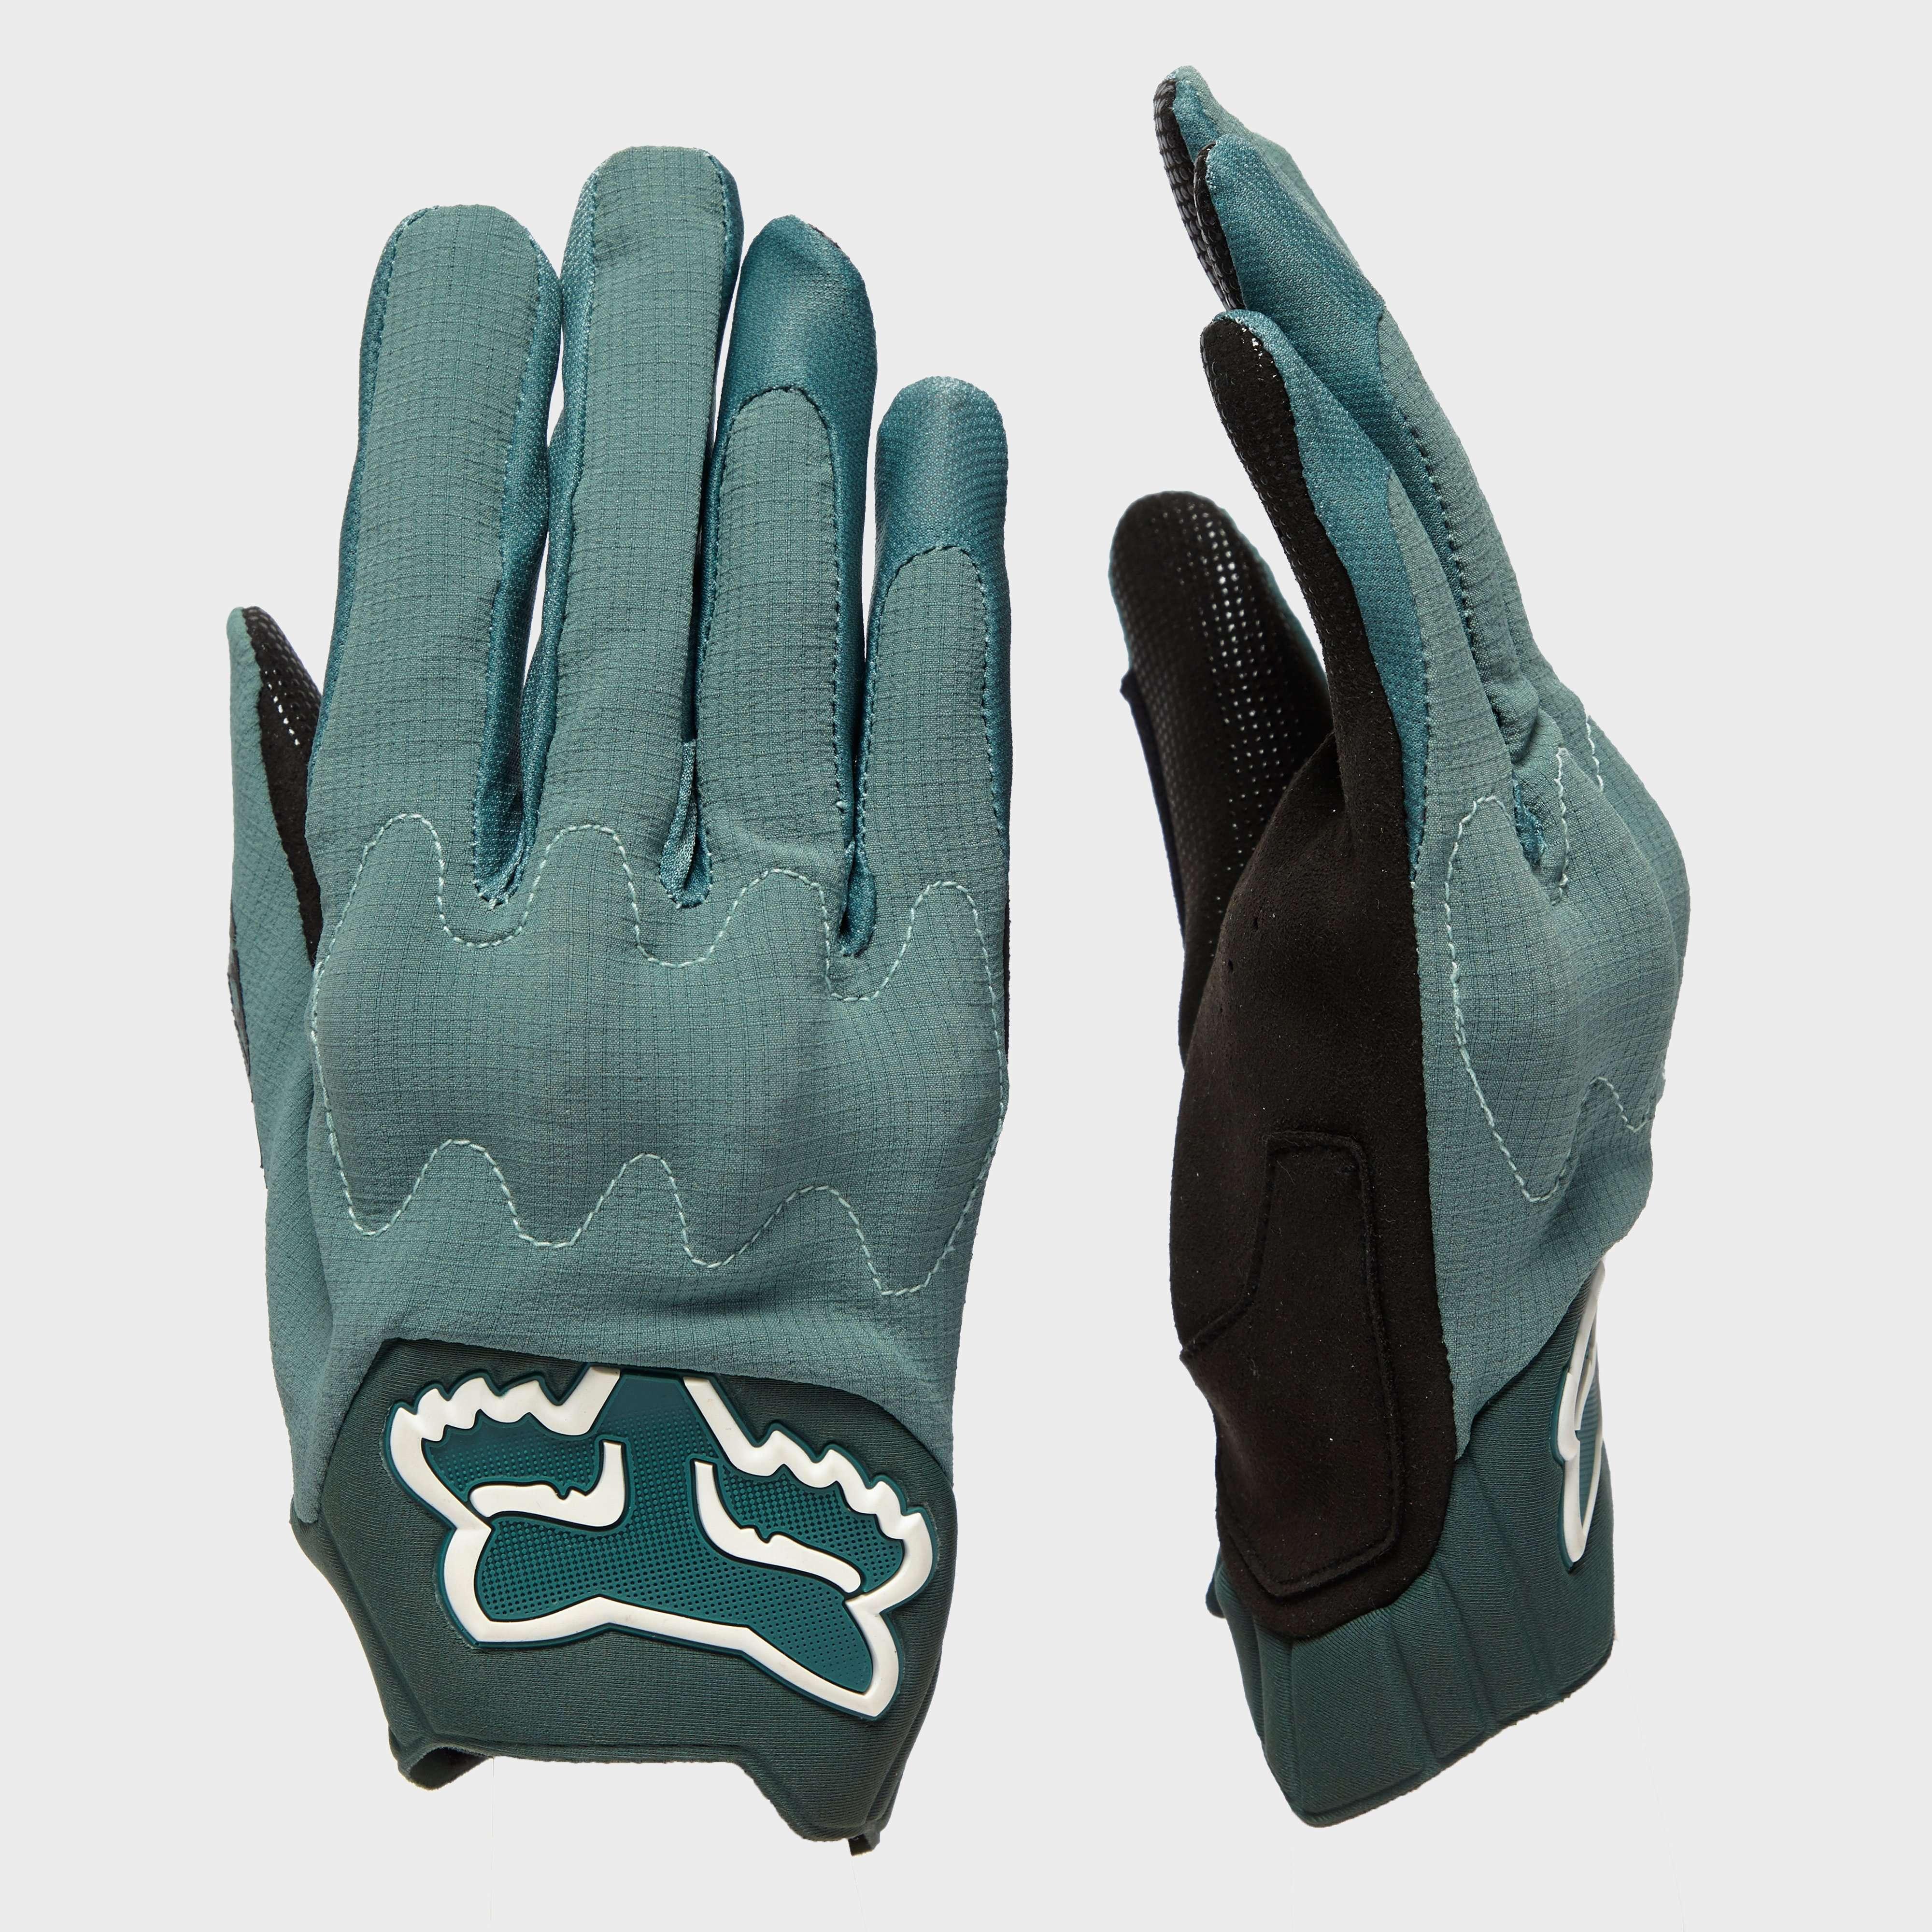 FOX Attack Glove